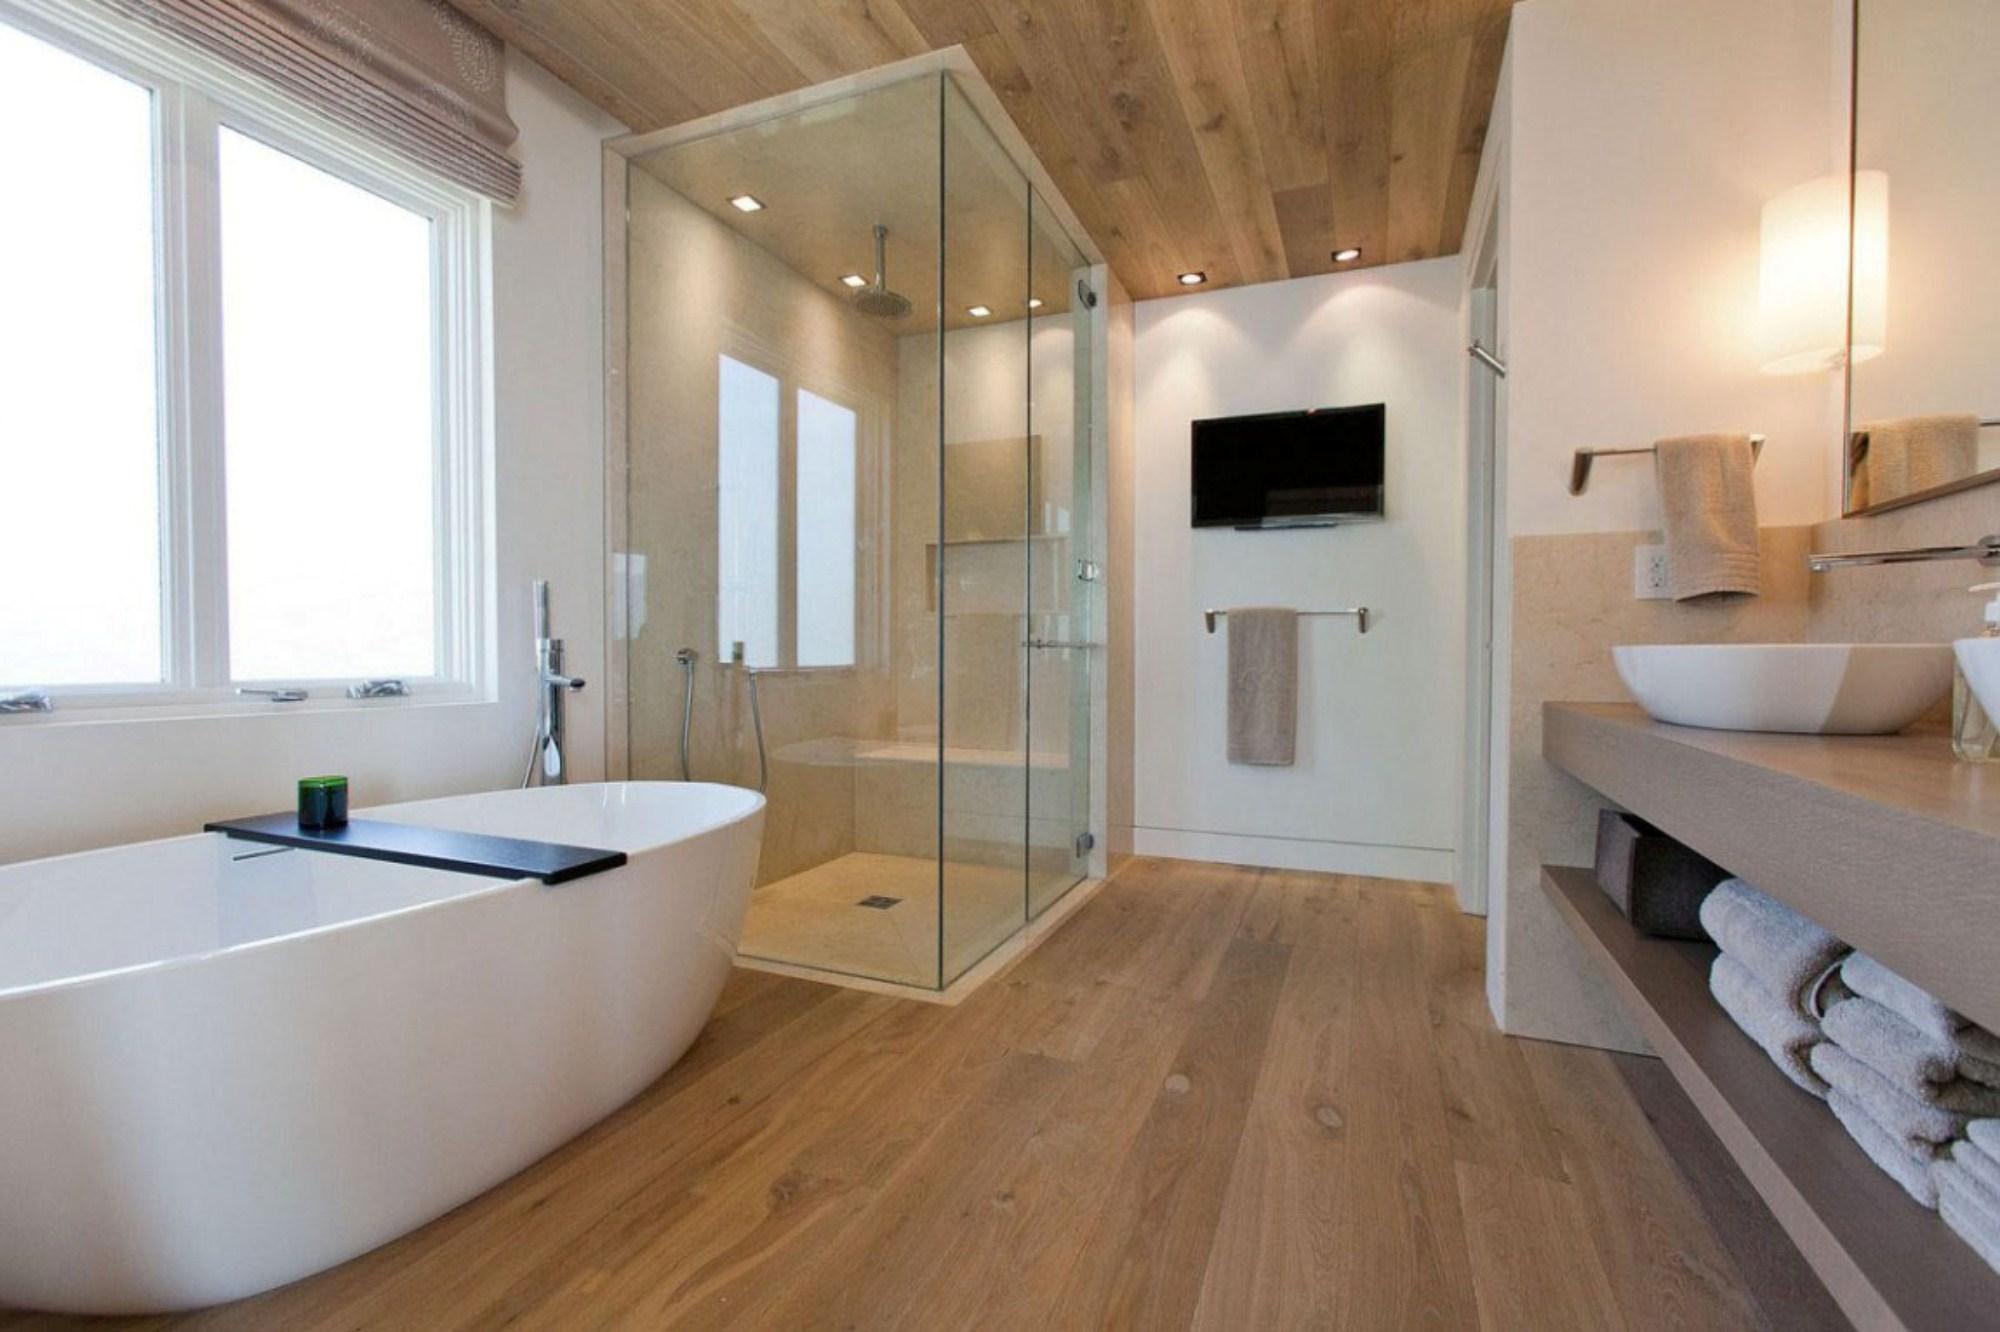 Δάπεδα, Παρκέτα Κολίγας: Wooden floors and ceilings for stylish ...